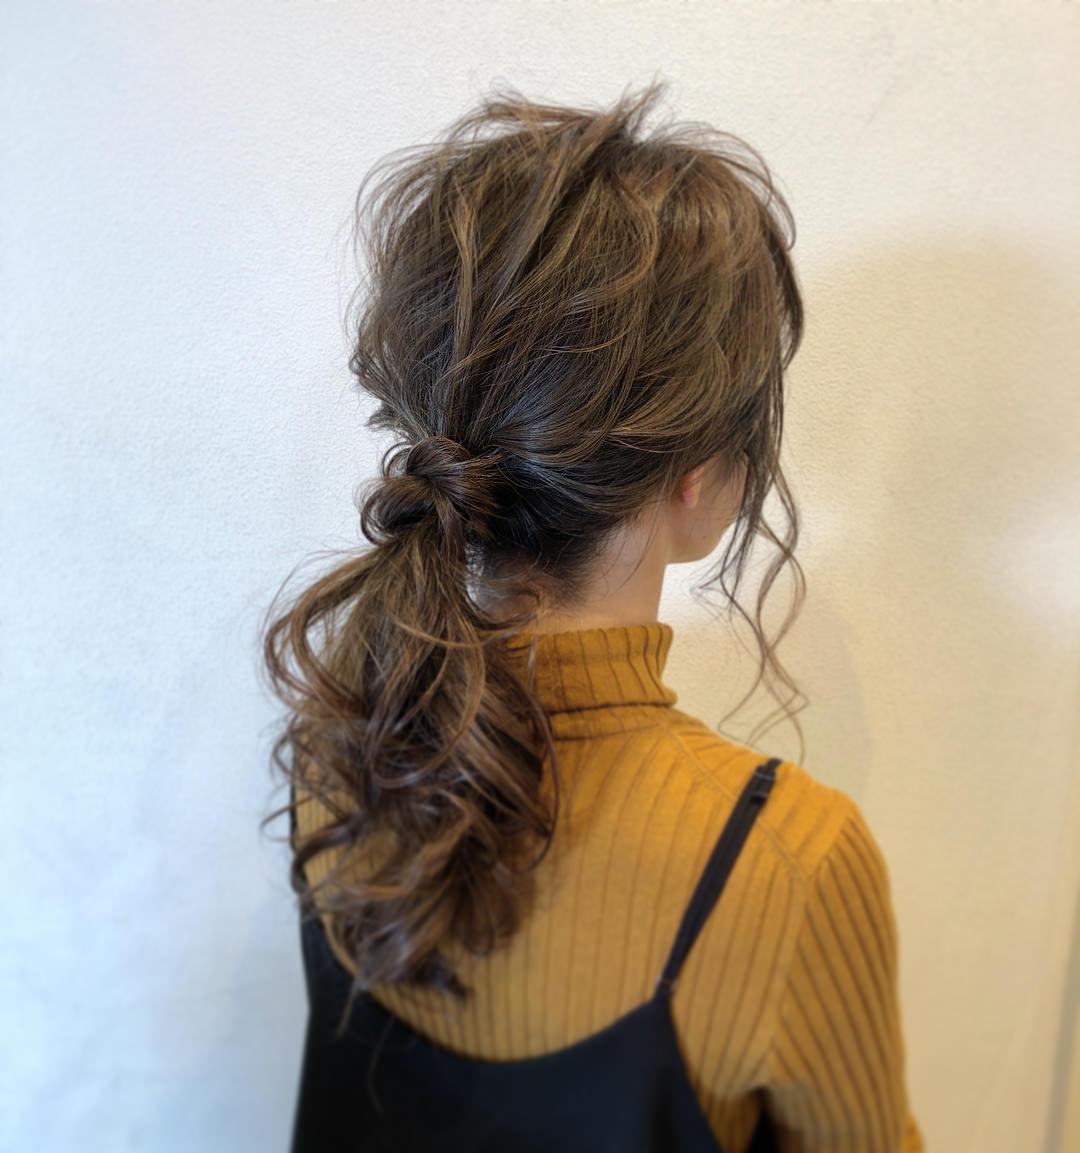 【保存版】トレンドの可愛いヘアスタイル・髪型47選大発表!48